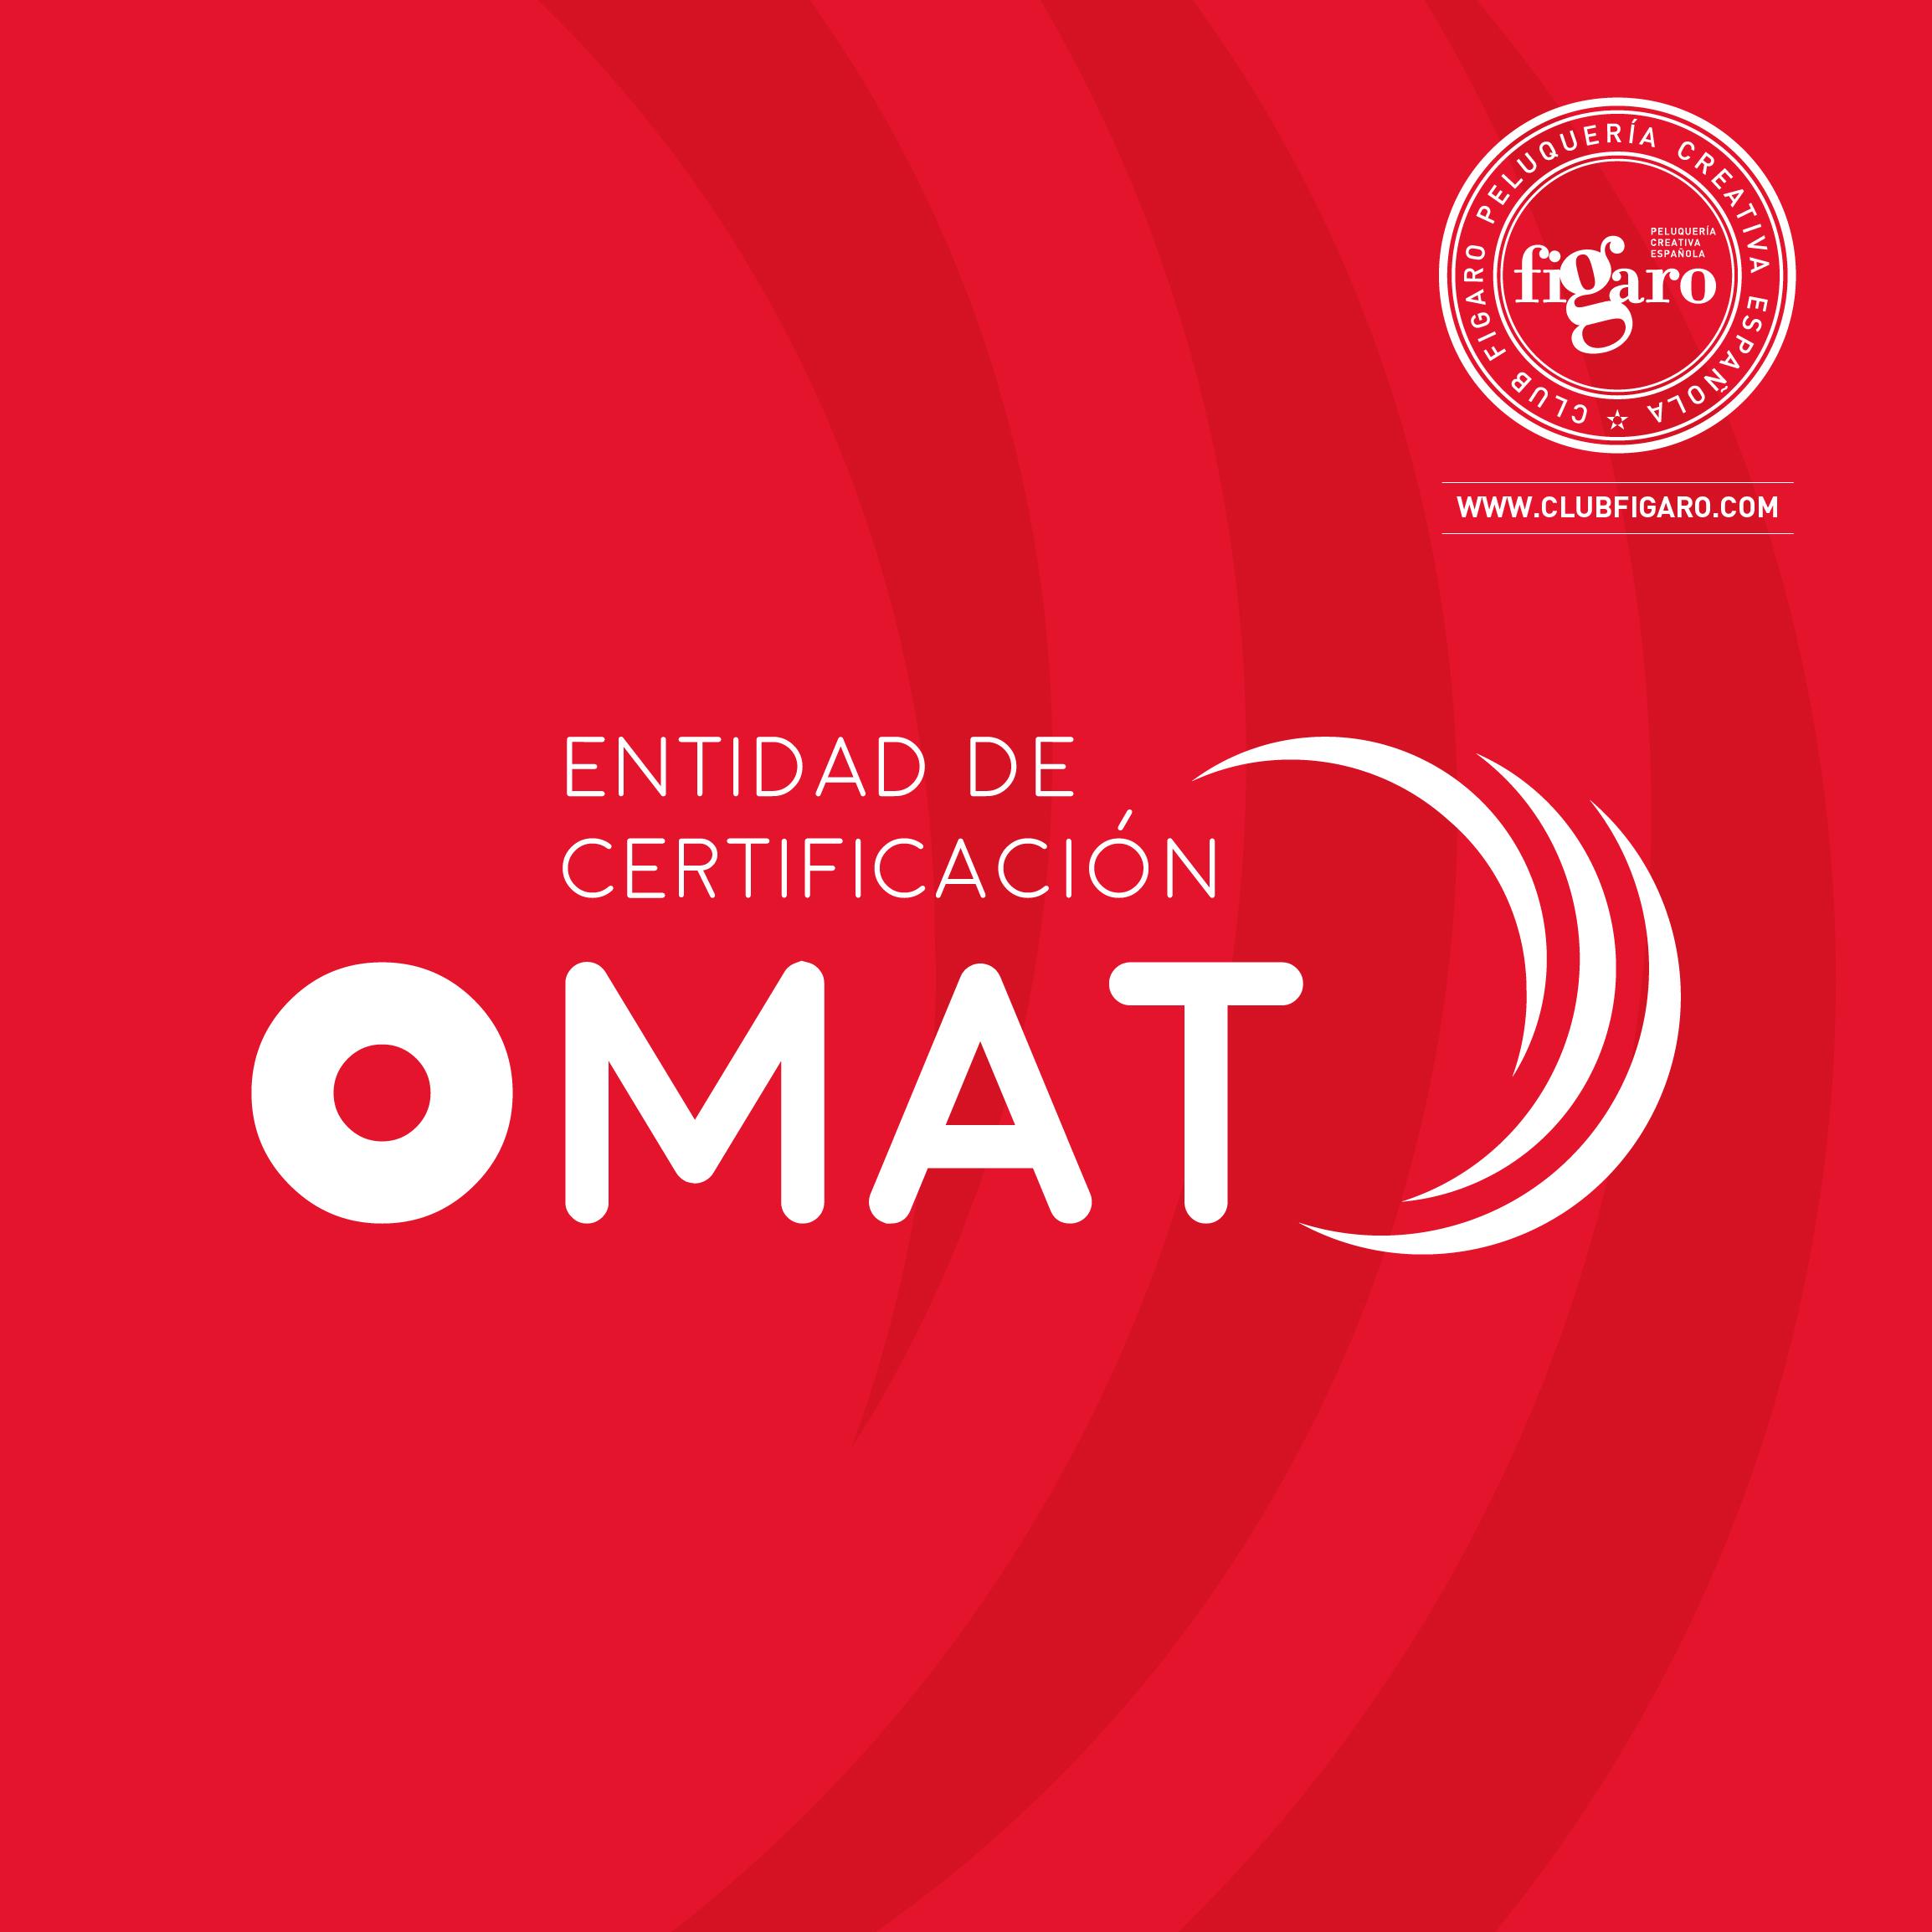 OMAT renueva su compromiso con Club Fígaro